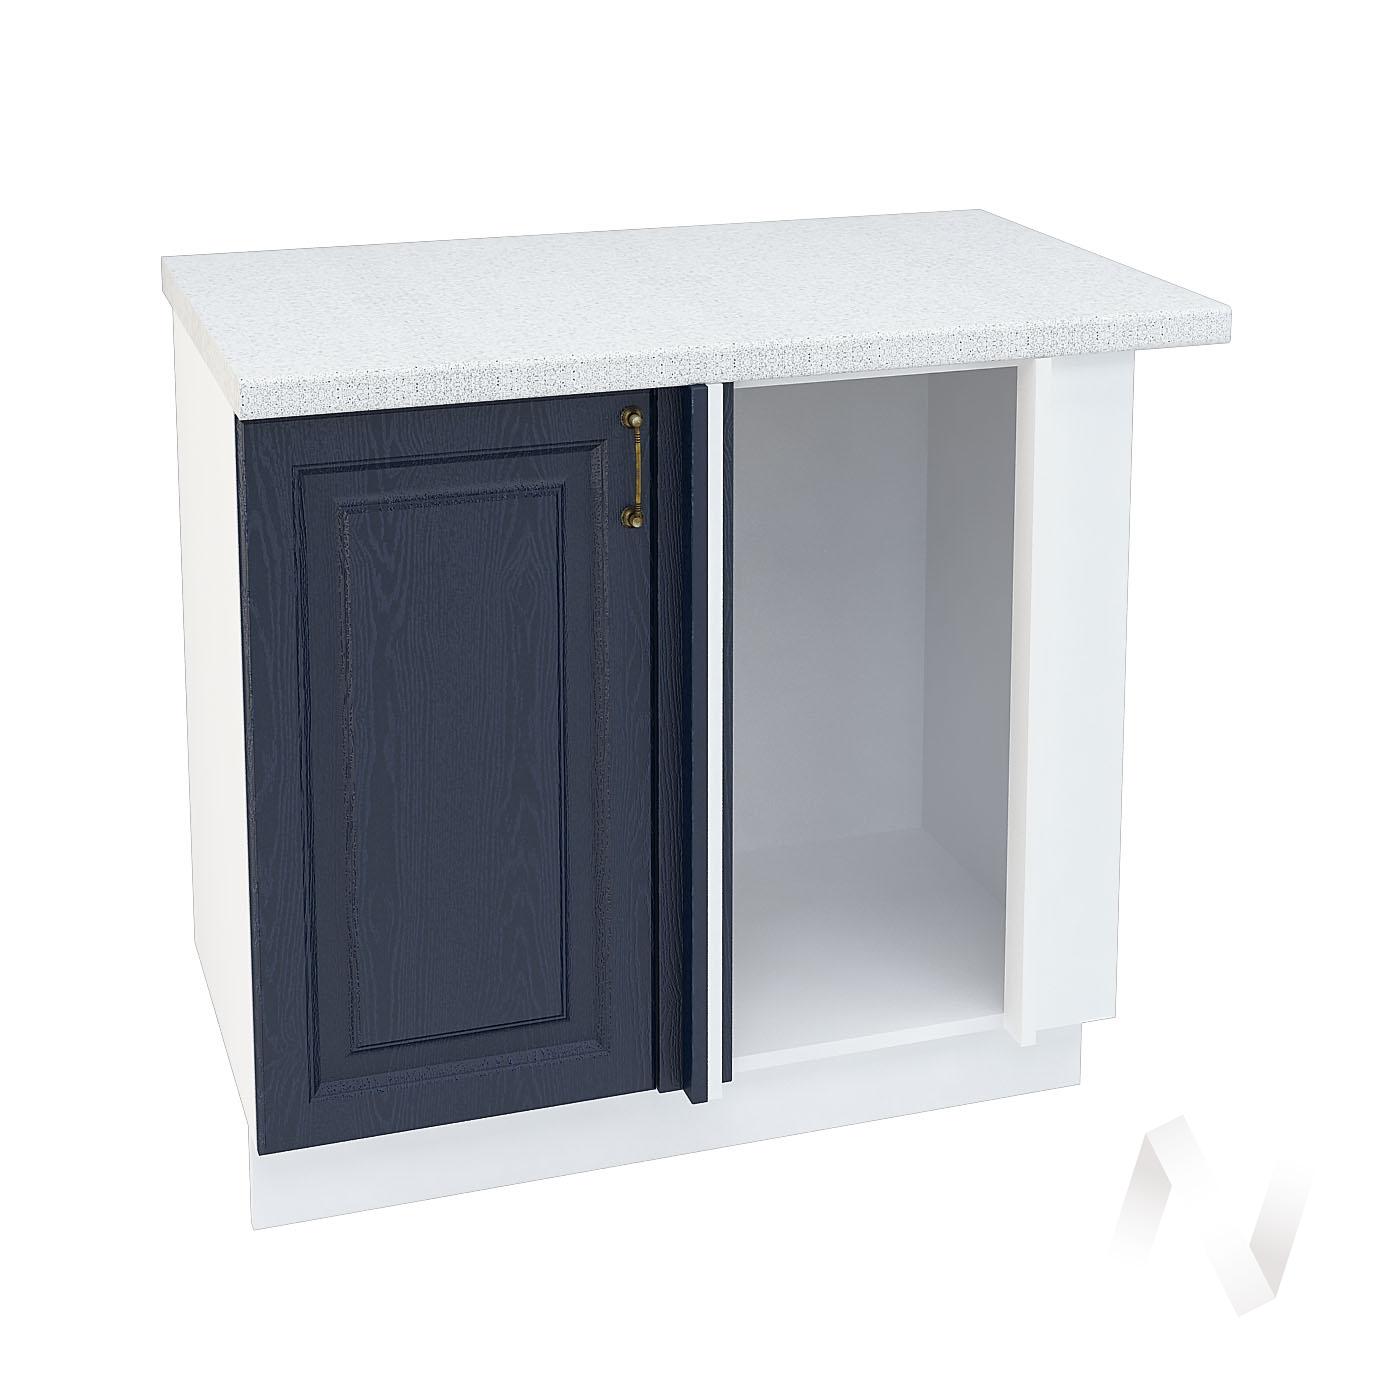 """Кухня """"Ницца"""": Шкаф нижний угловой 990М, ШНУ 990М (Дуб чернильный/корпус белый)"""